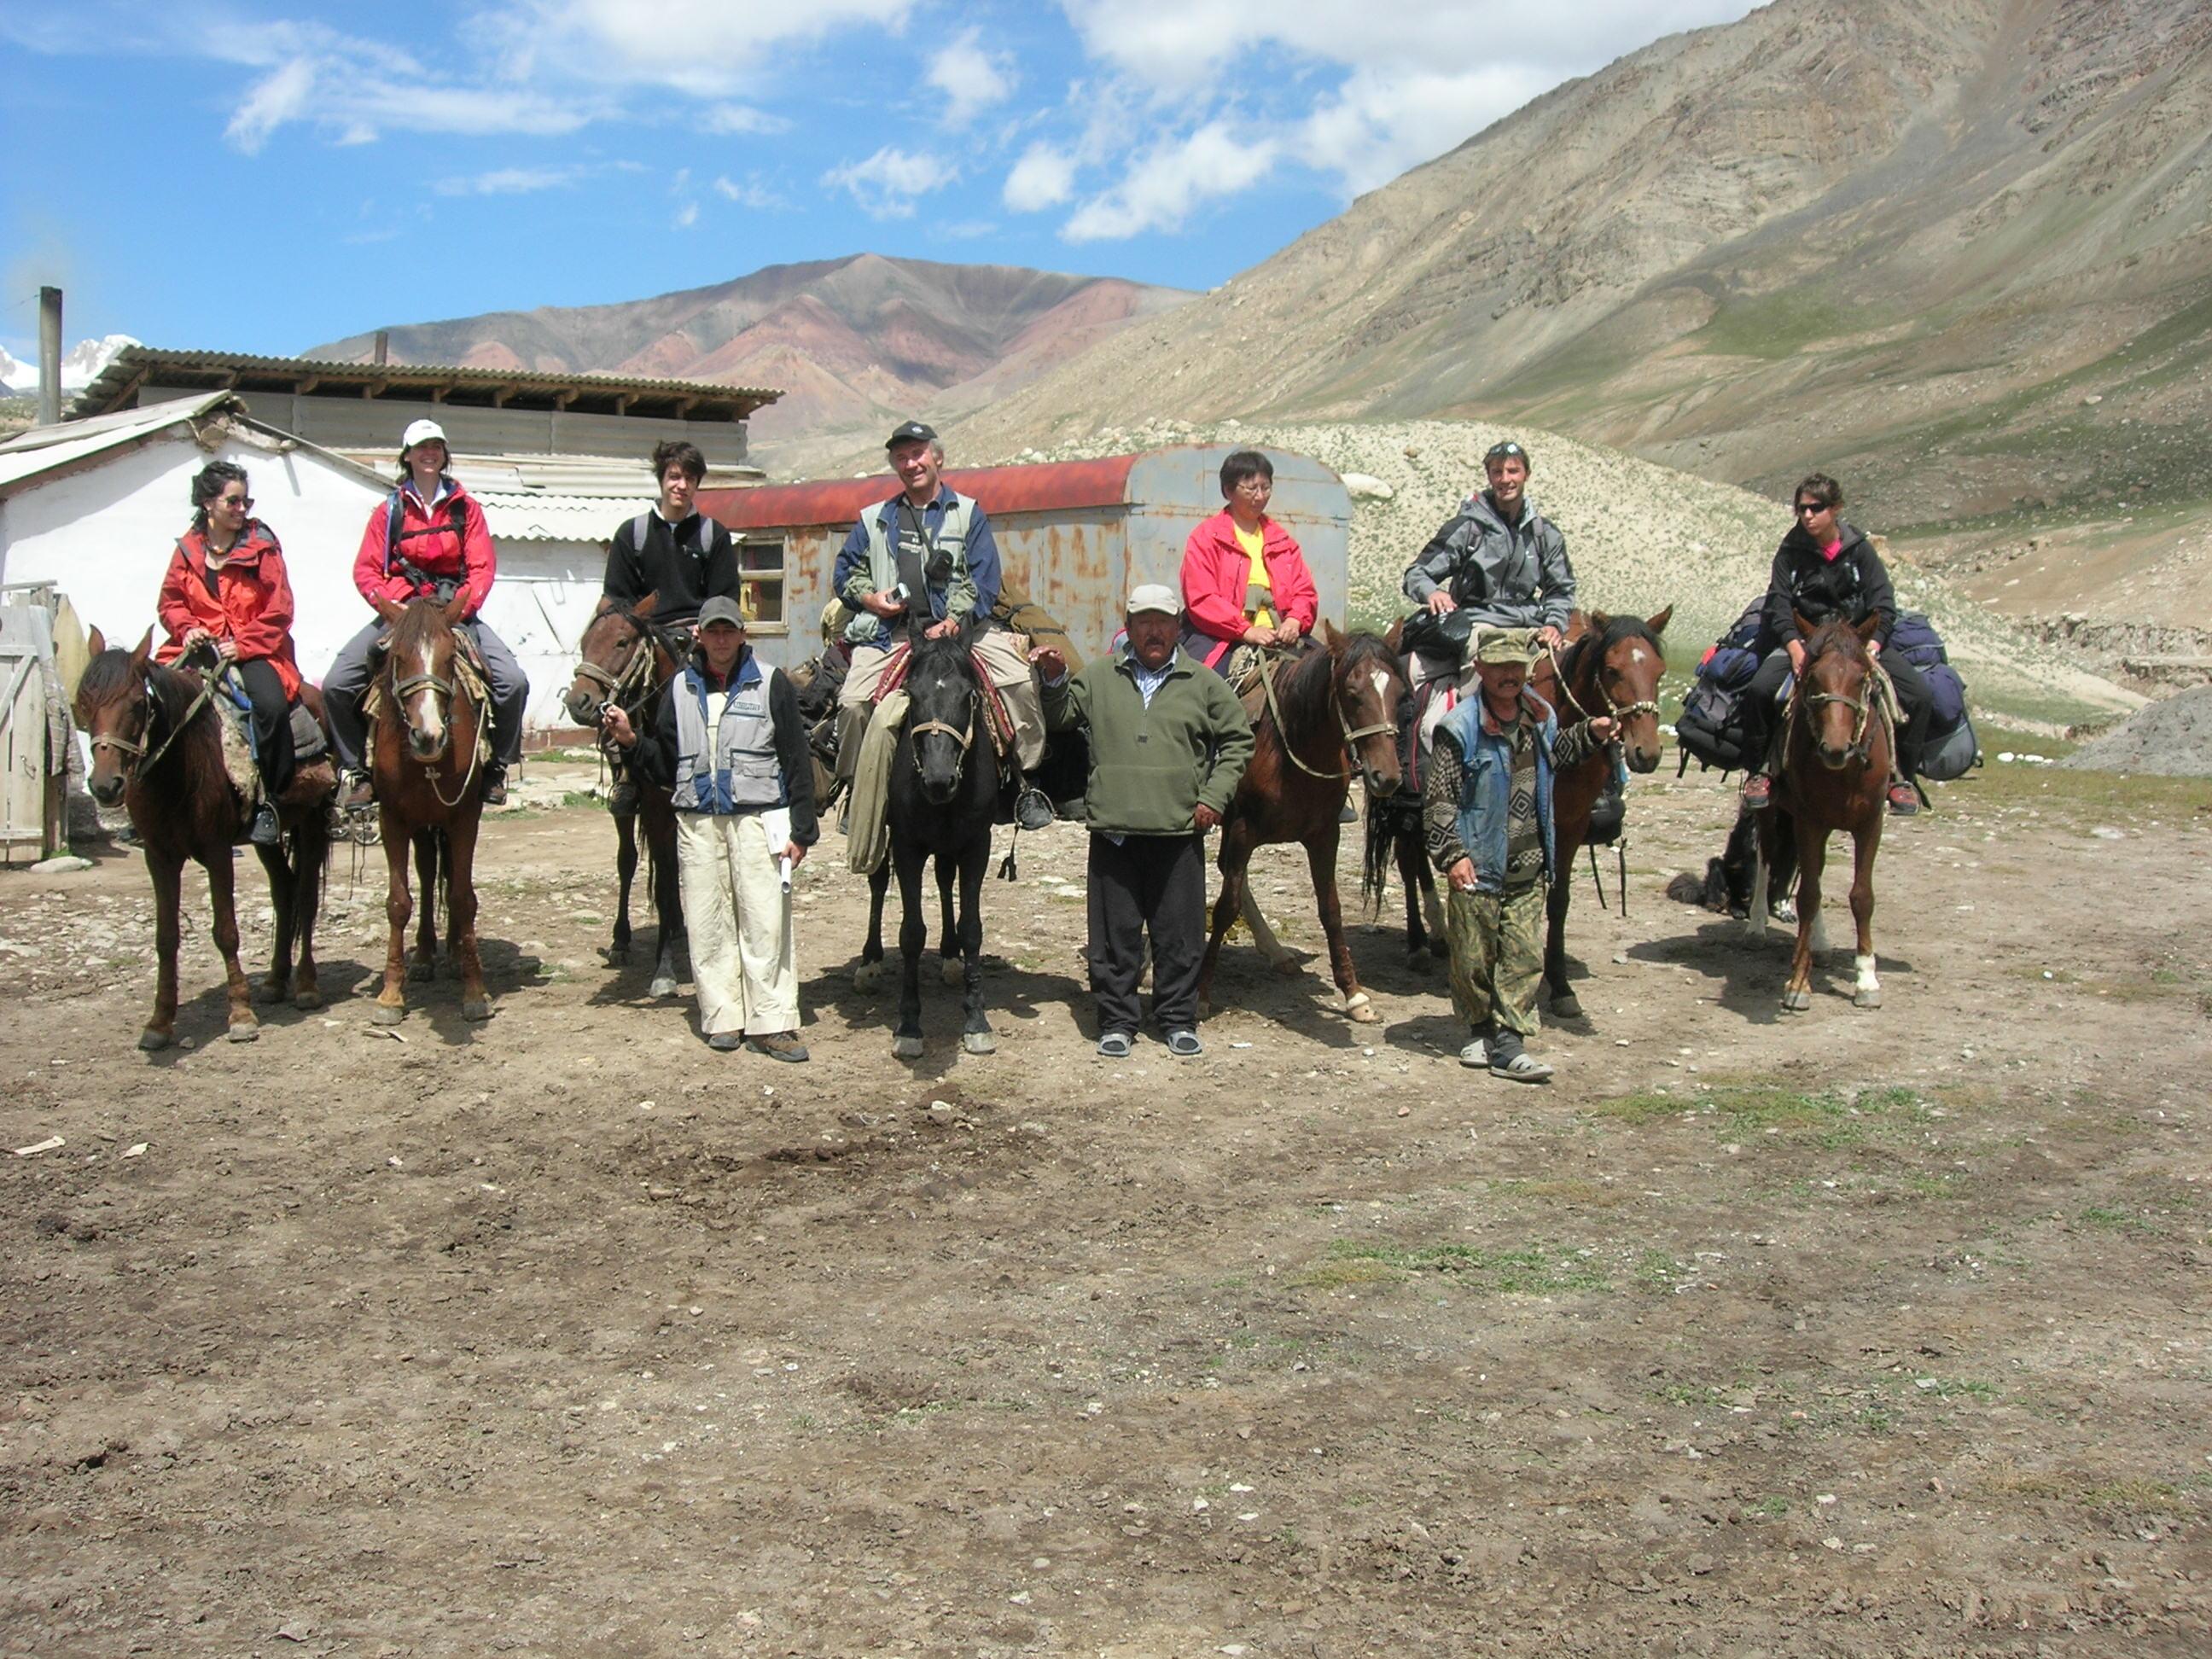 Acquisition de nos chevaux à l'arrivée dans la réserve